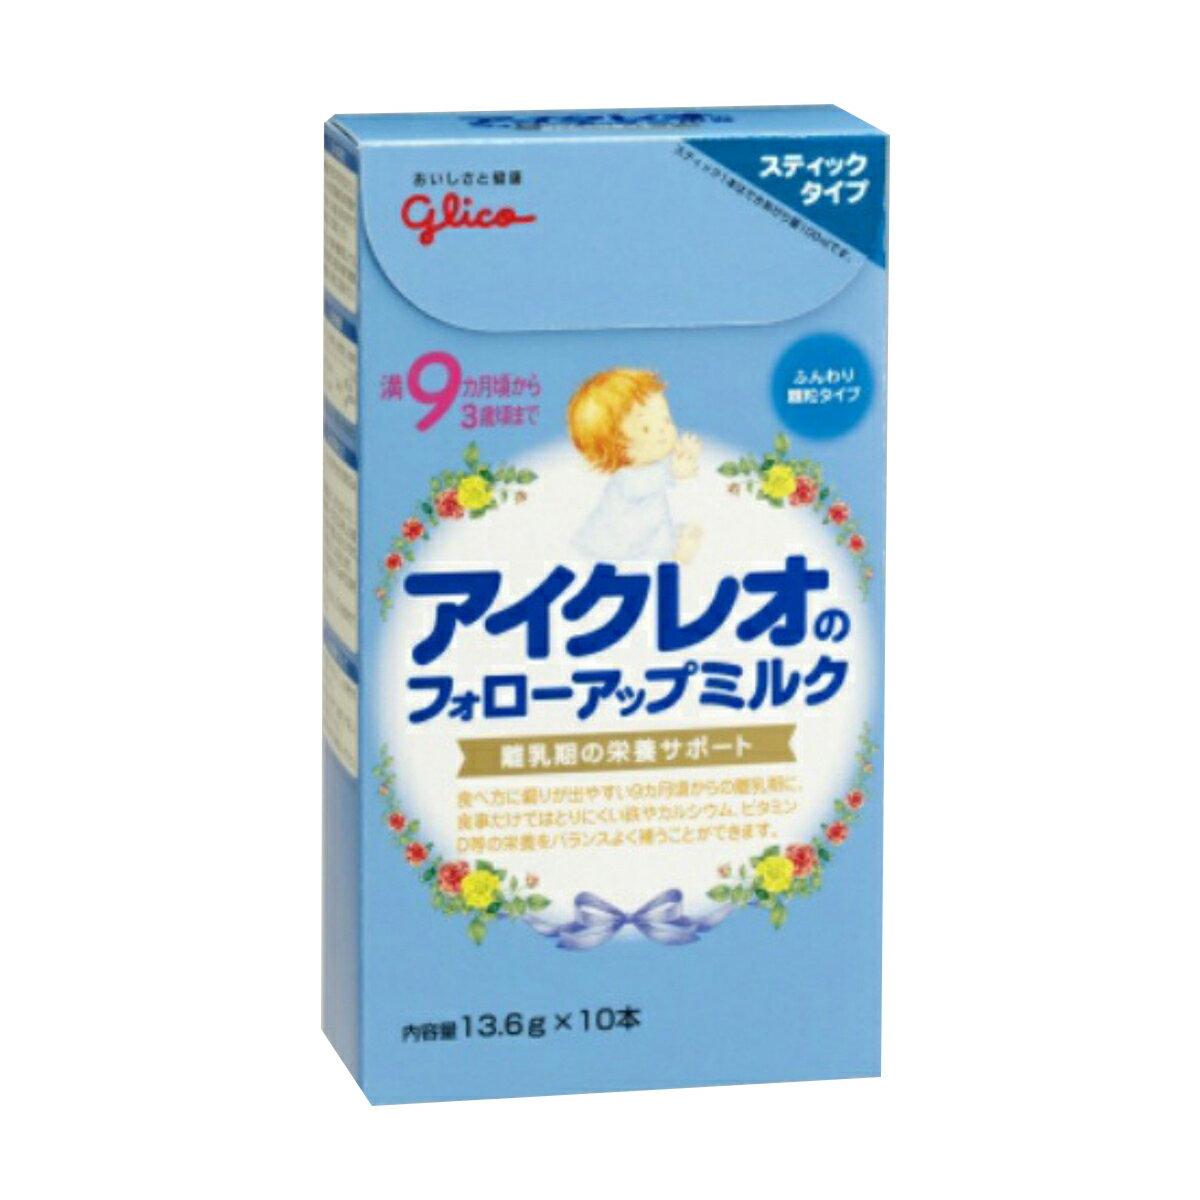 決算セールアイクレオフォローアップミルクスティックタイプ13.6G×10本入り(ベビー用品ミルク)(